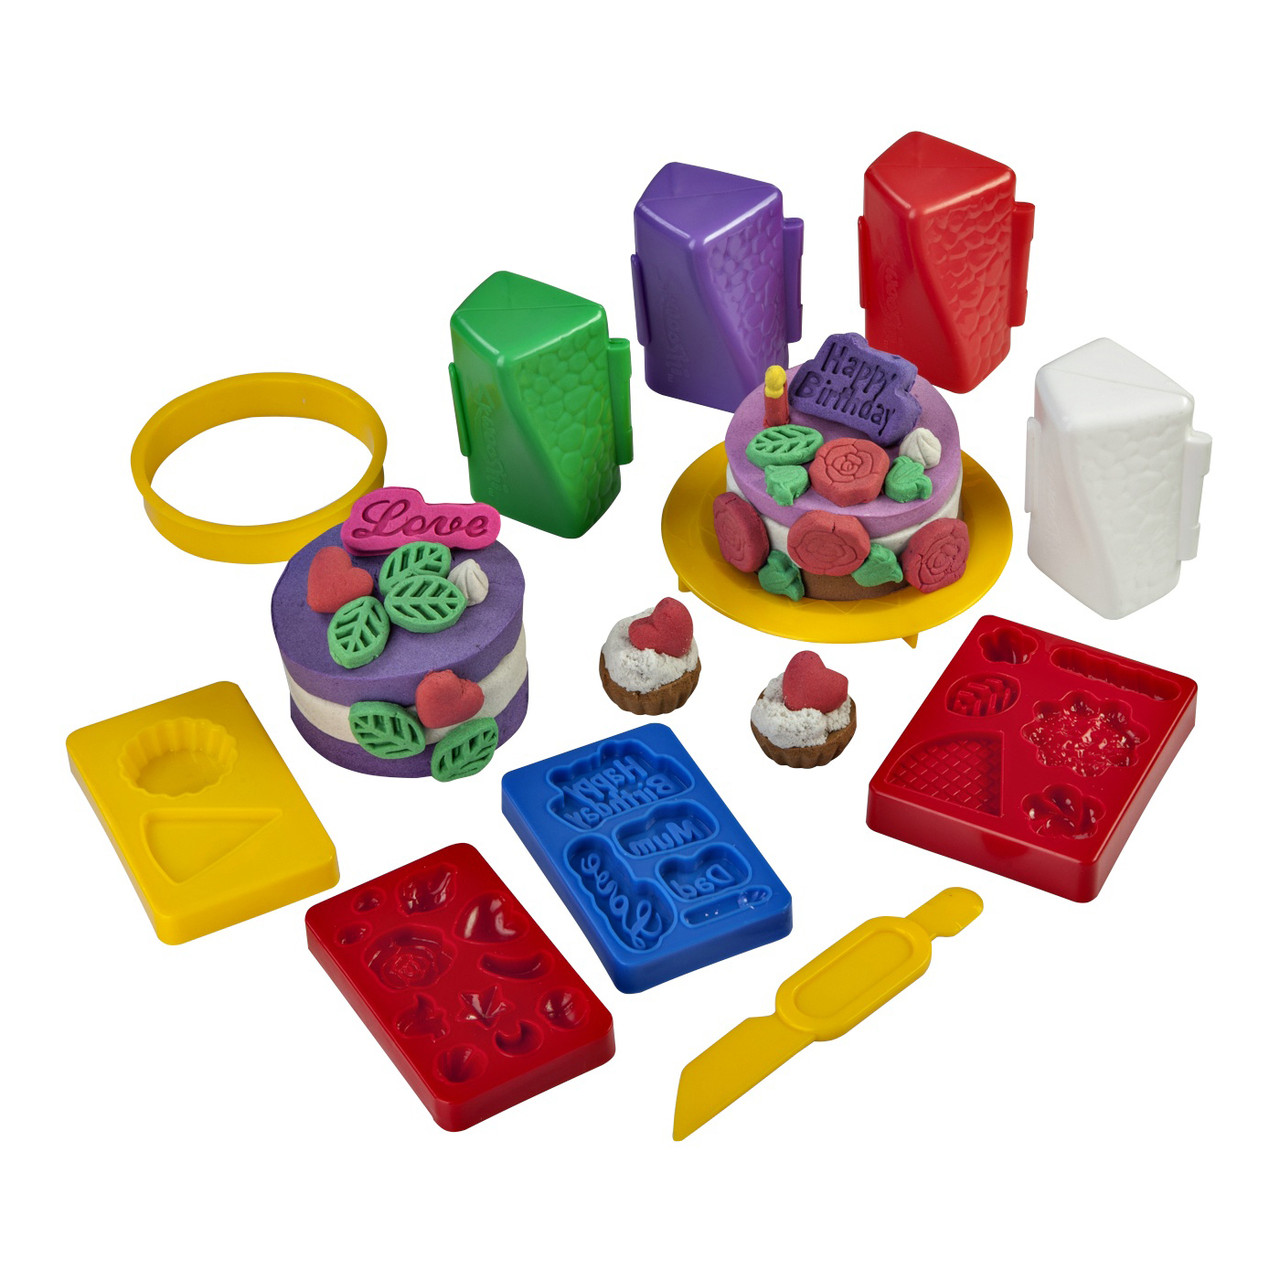 """Творчество и рукоделие «Irwin Toy» (30022) набор для лепки «Skwooshi» """"Веселый кондитер"""""""